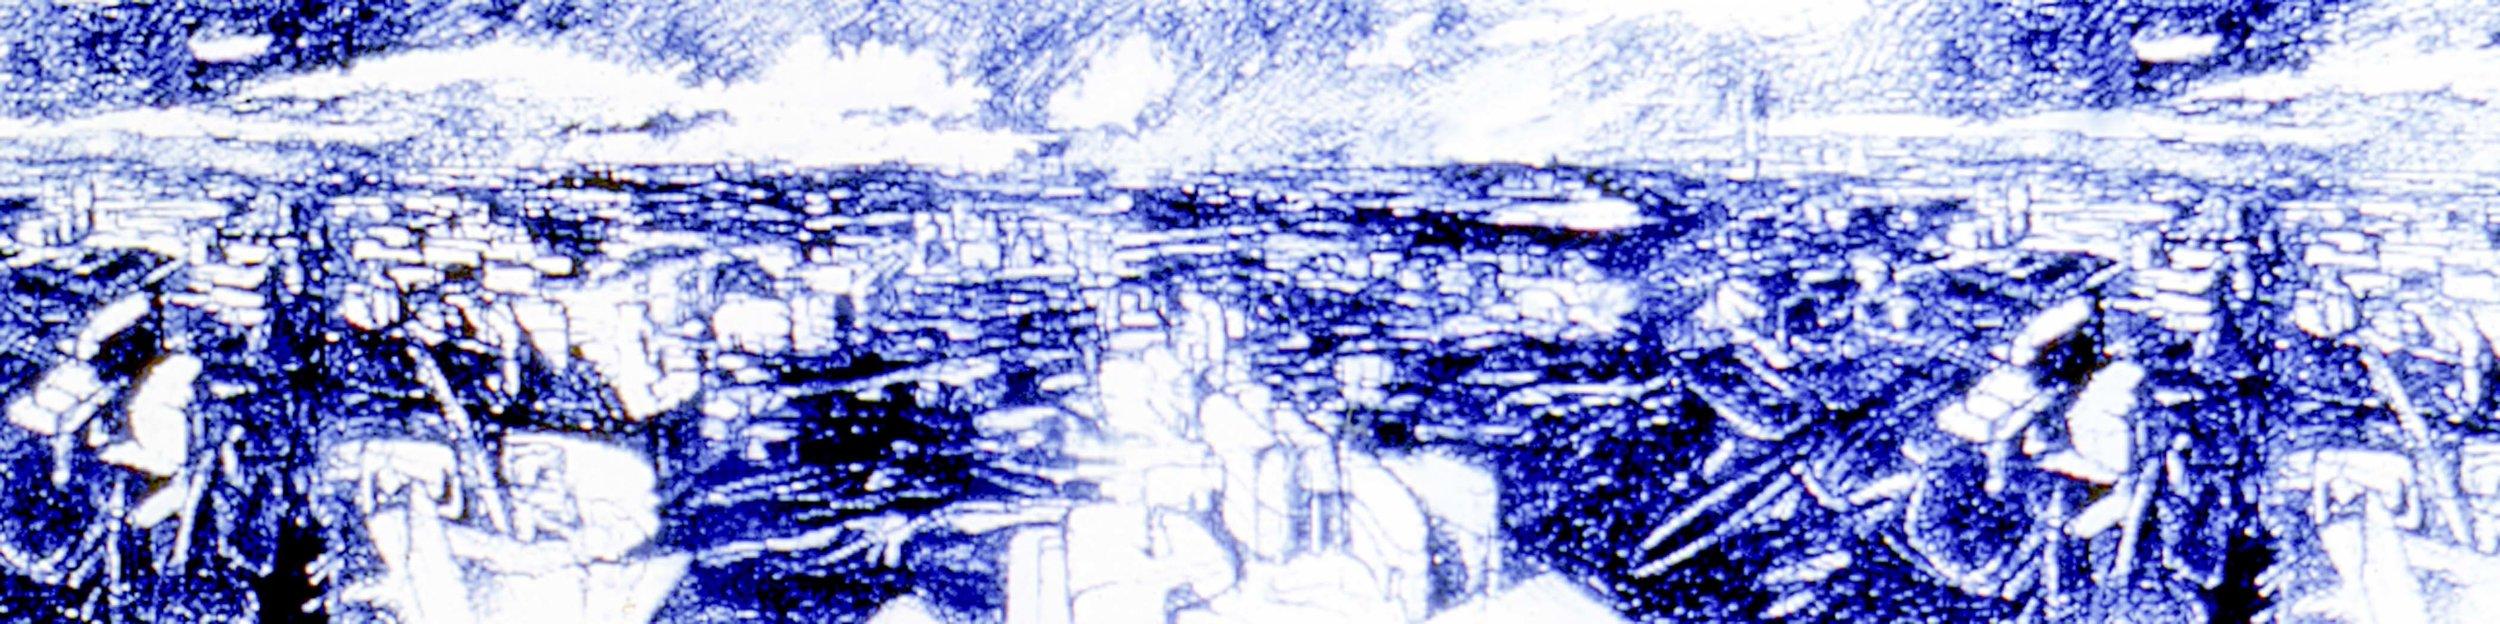 leipzig_panorama.jpg